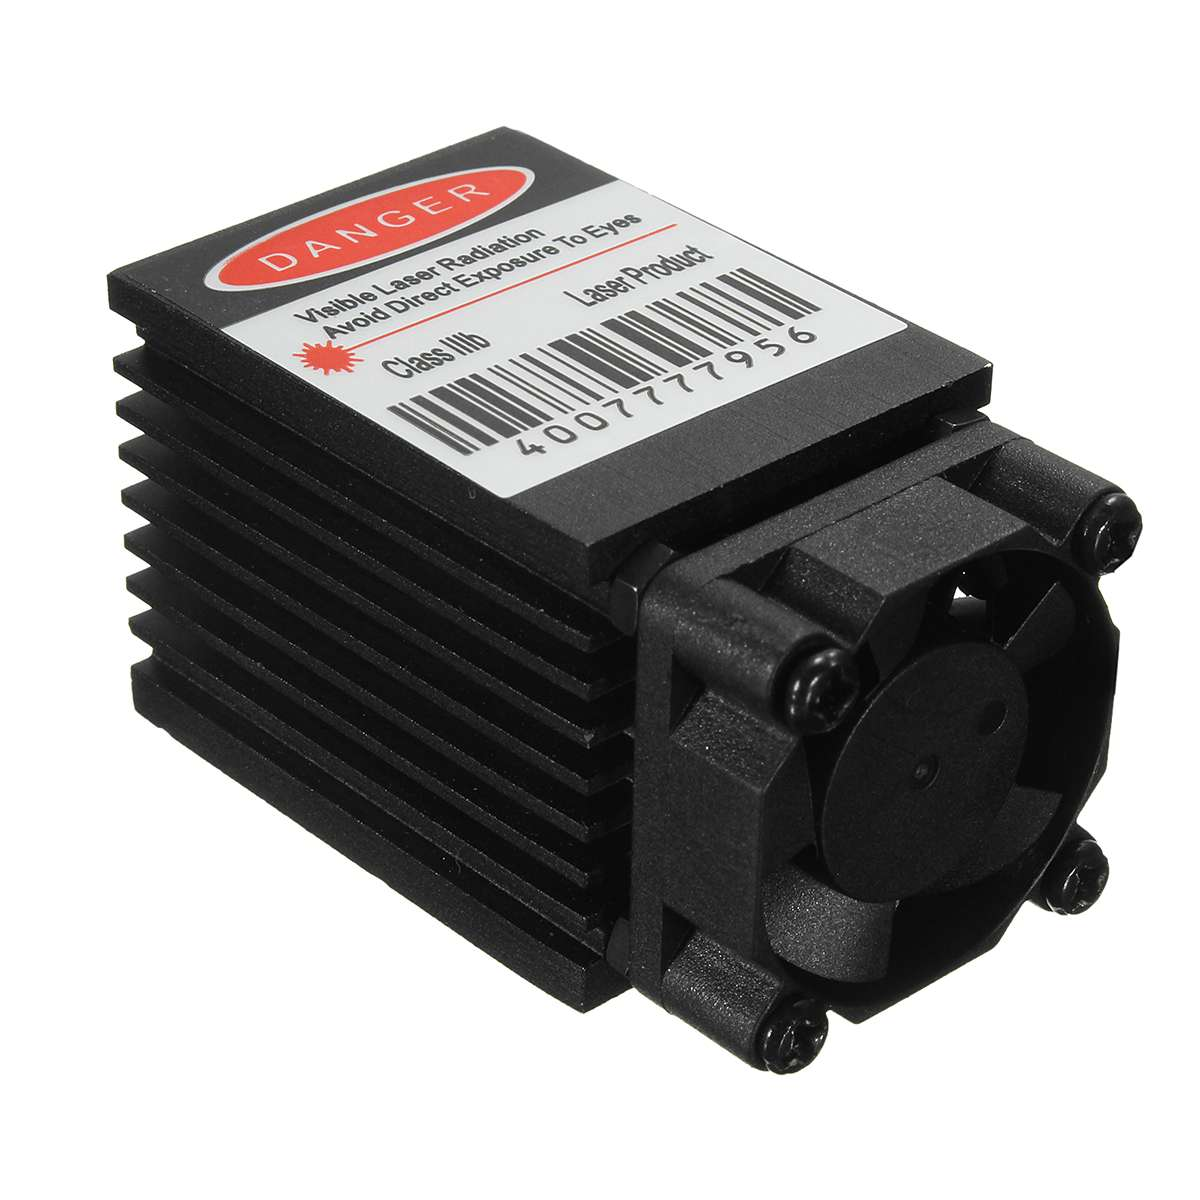 Fokussierbar 500mw 808nm Infrarot IR Laser Modul Diode Dot Modul 12V + TTL + Fan Kühlung Laser Modul für CNC Gravur Maschine